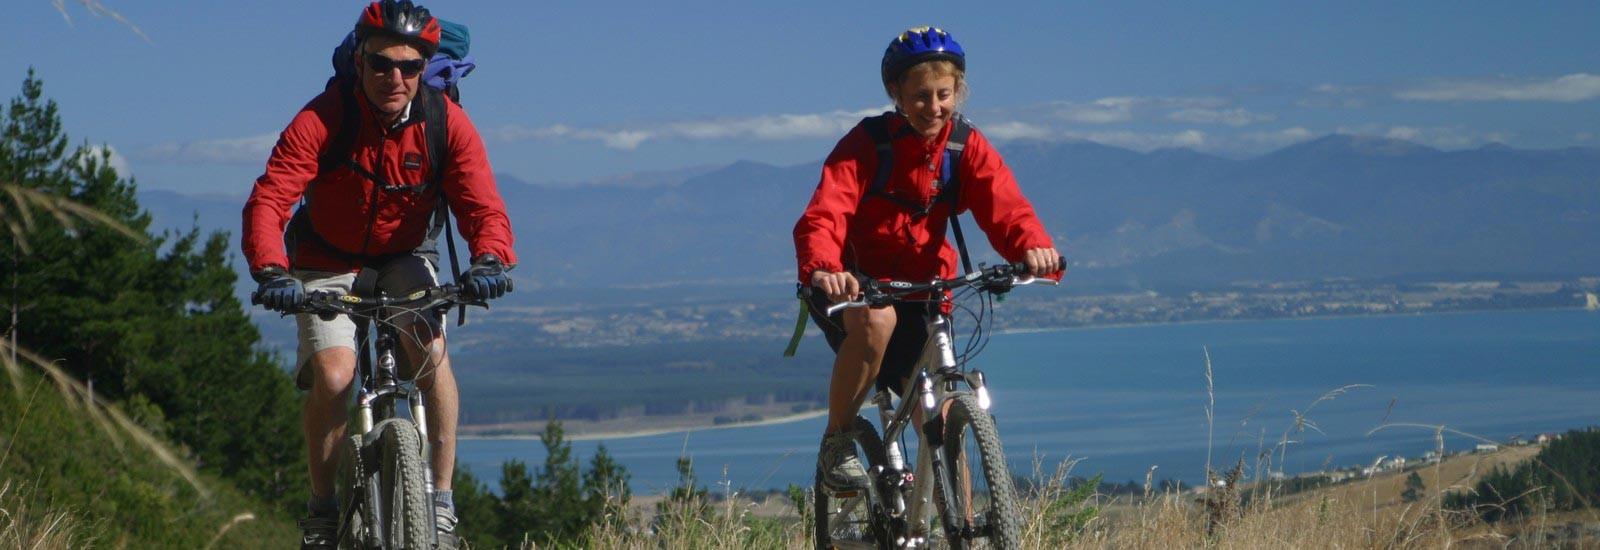 Guided Cycling Tours Abel Tasman